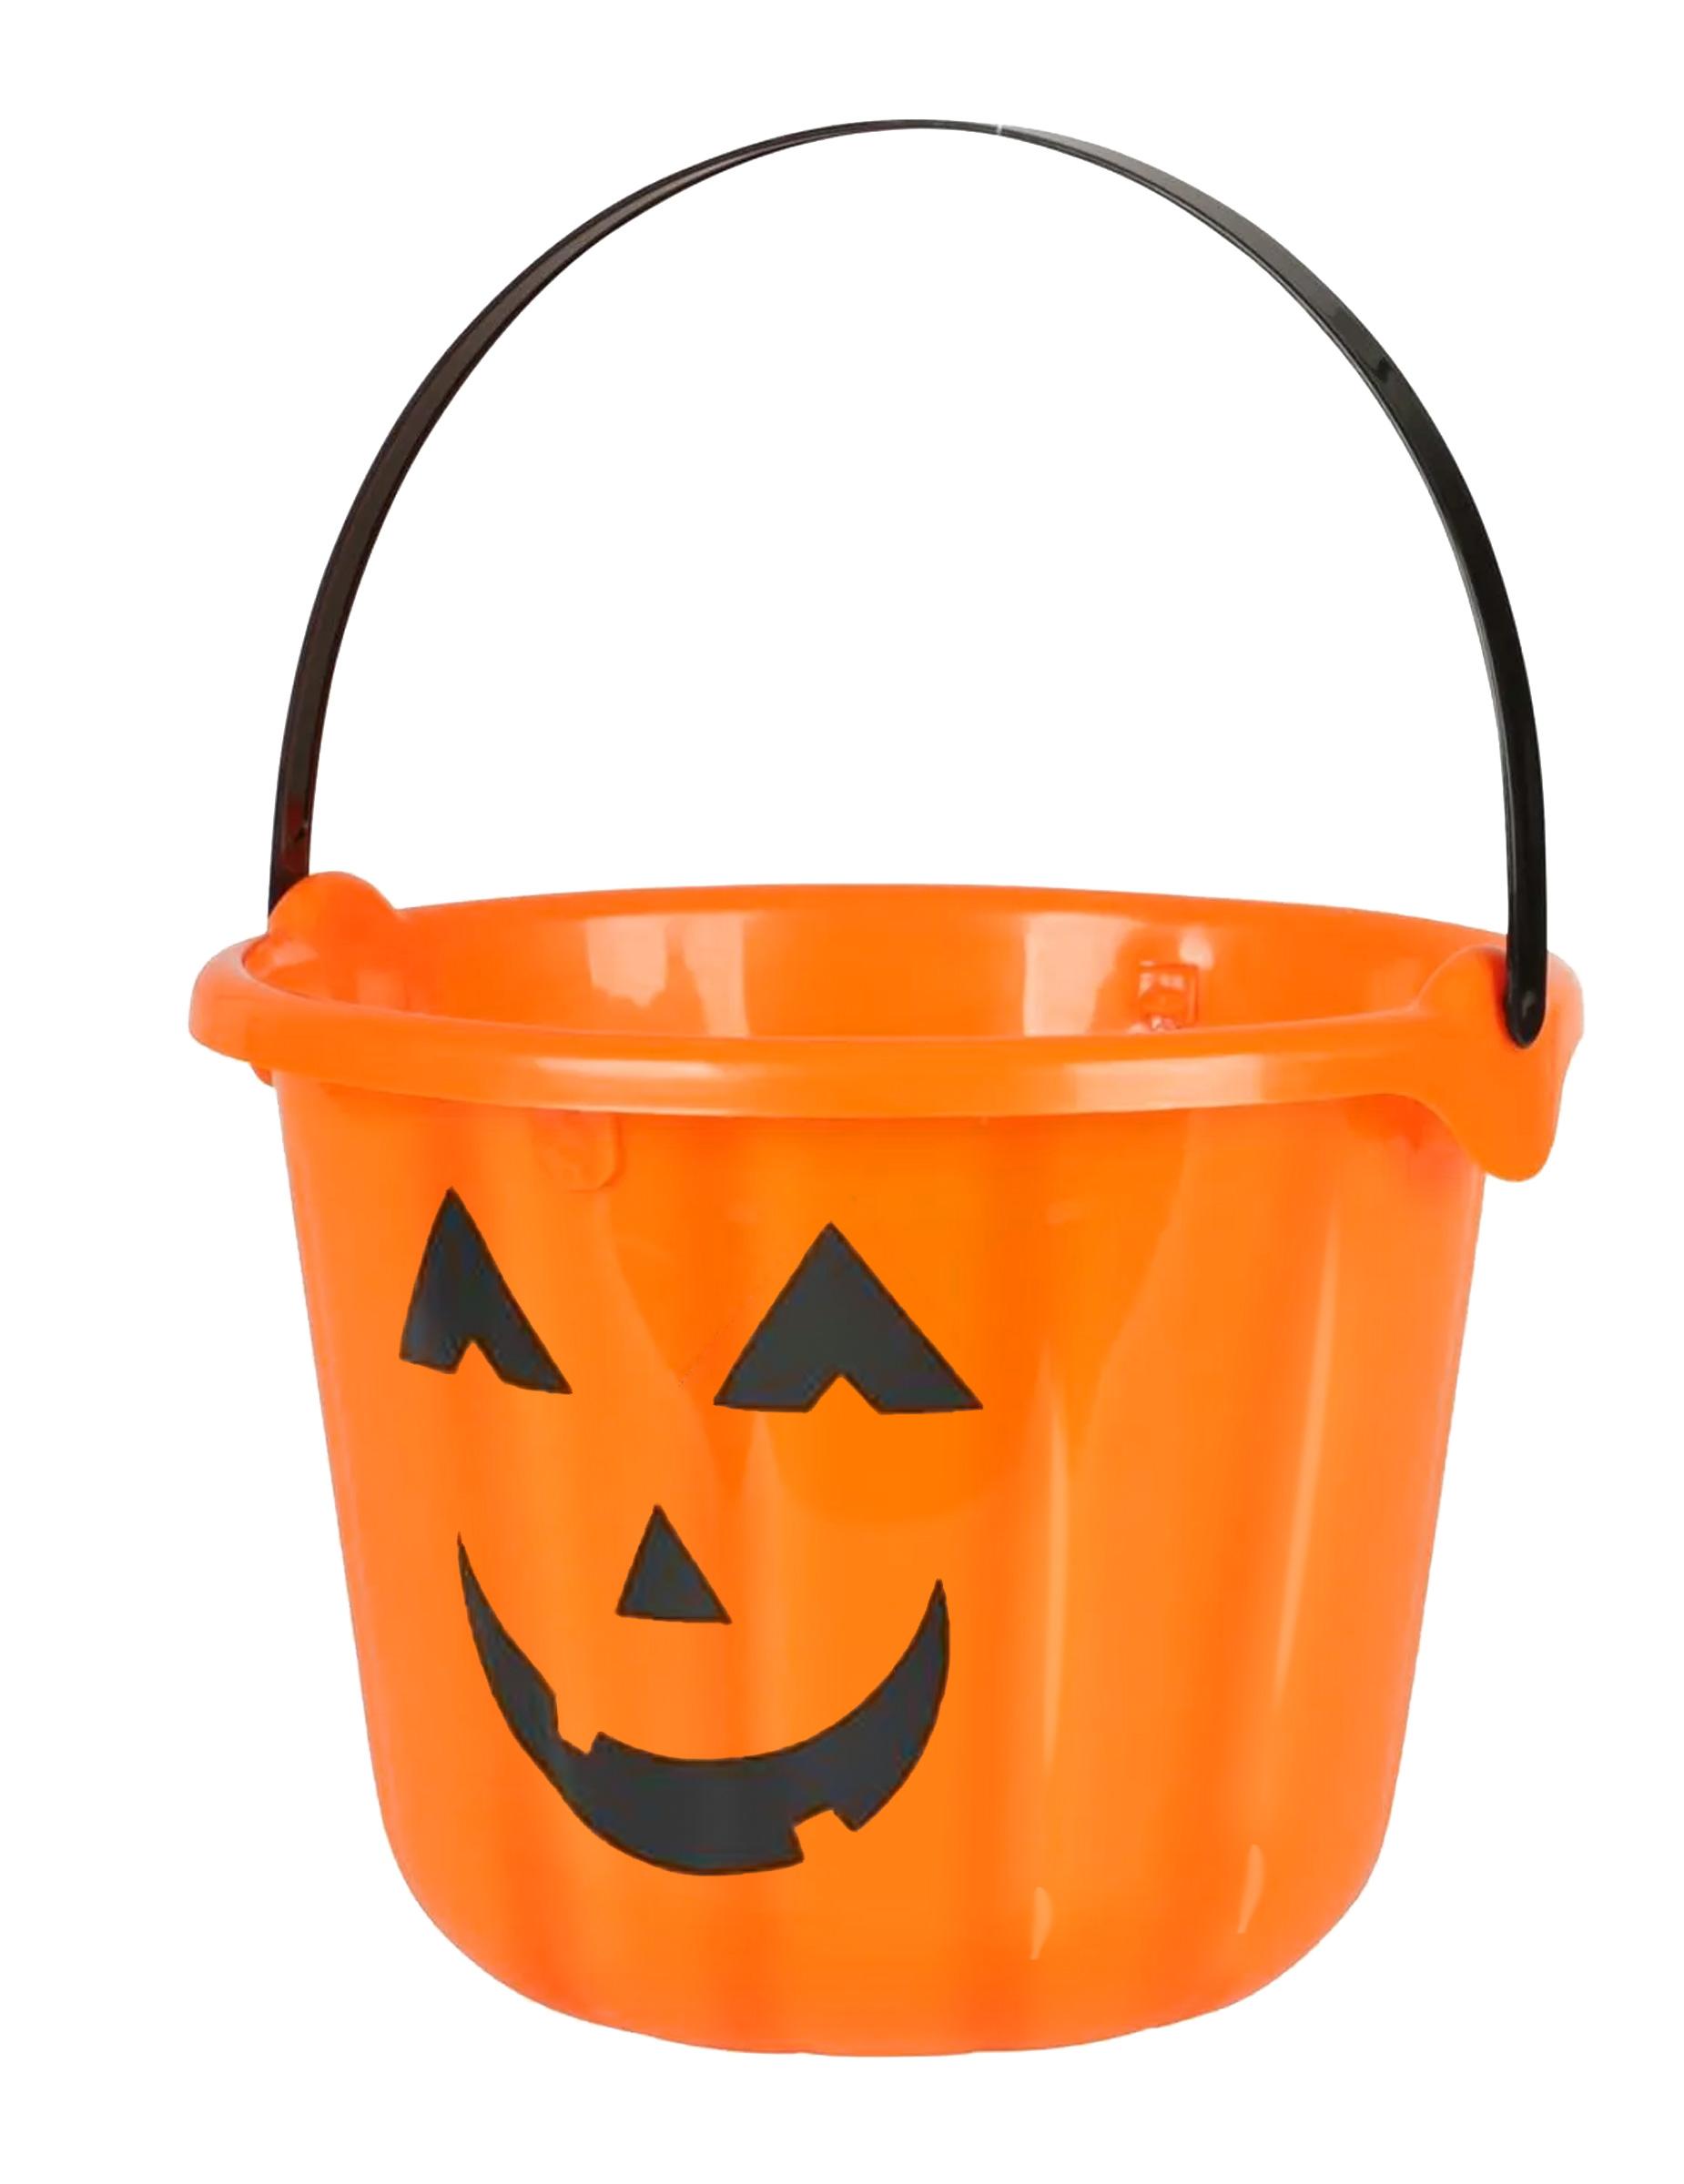 Gemütlich Süße Halloween Kürbis Malvorlagen Bilder - Druckbare ...